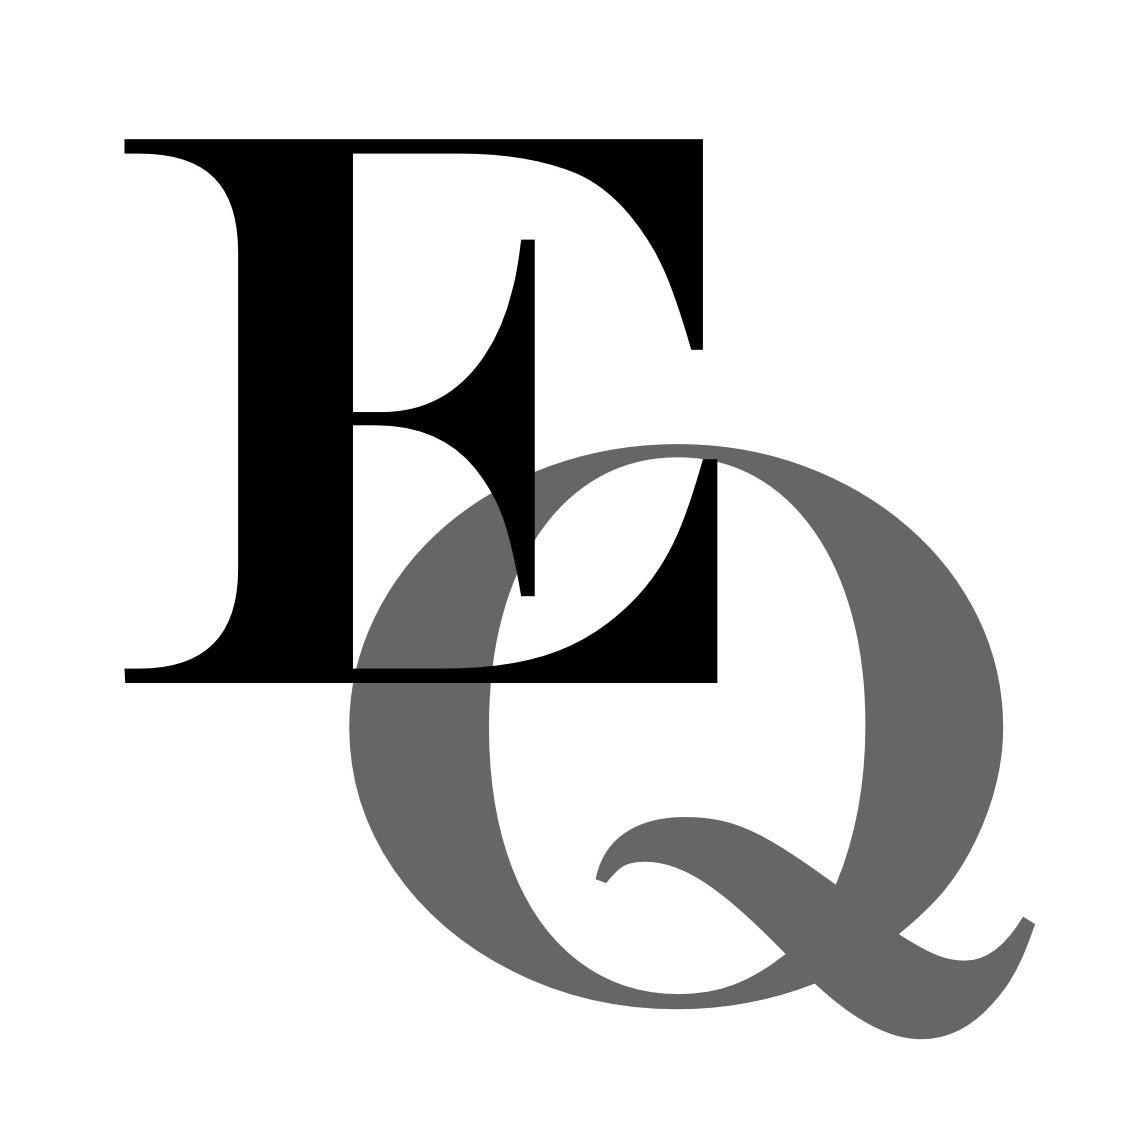 چگونه کودکی با هوش هیجانی (eq) بپرورانیم؟